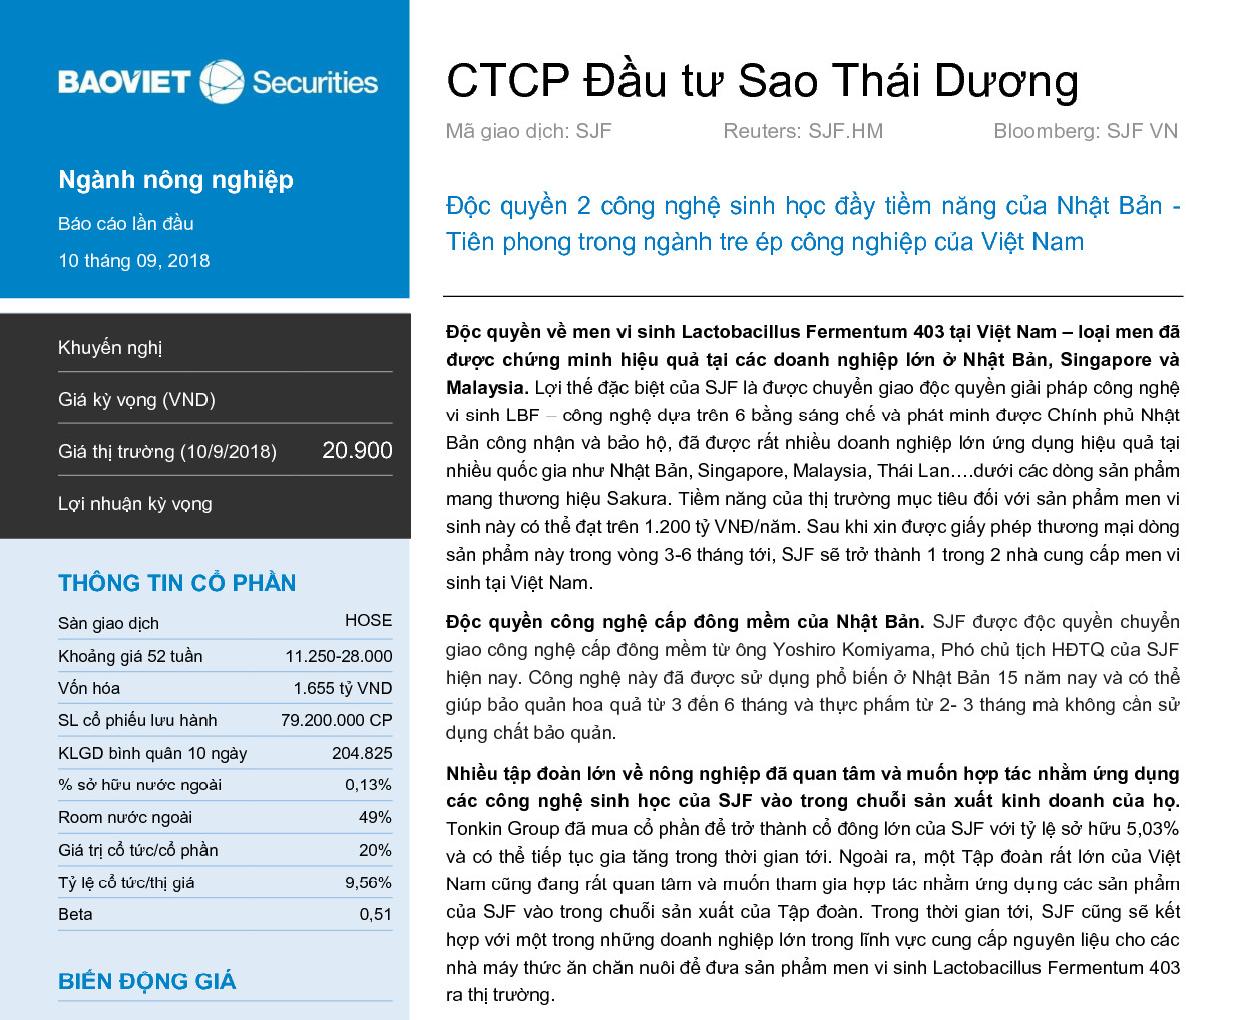 Báo cáo phân tích SJF của Công ty cổ phần Chứng khoán Bảo Việt